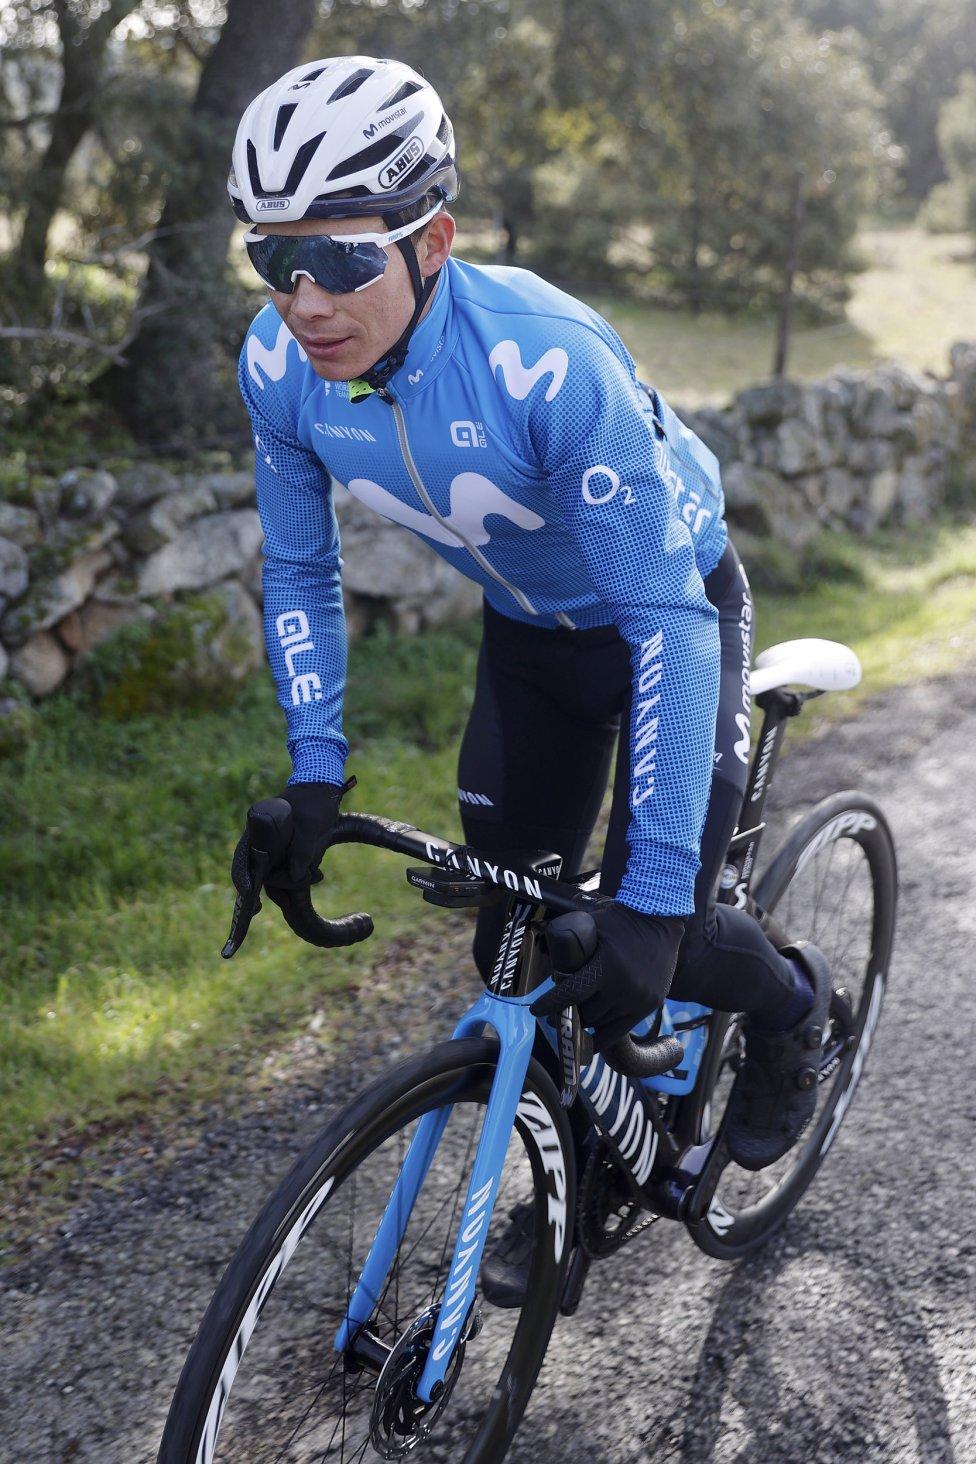 Miguel Ángel López ya se encuentra entrenando con su nuevo equipo, el Movistar Team. El pedalista colombiano realiza la pretemporada en Madrid